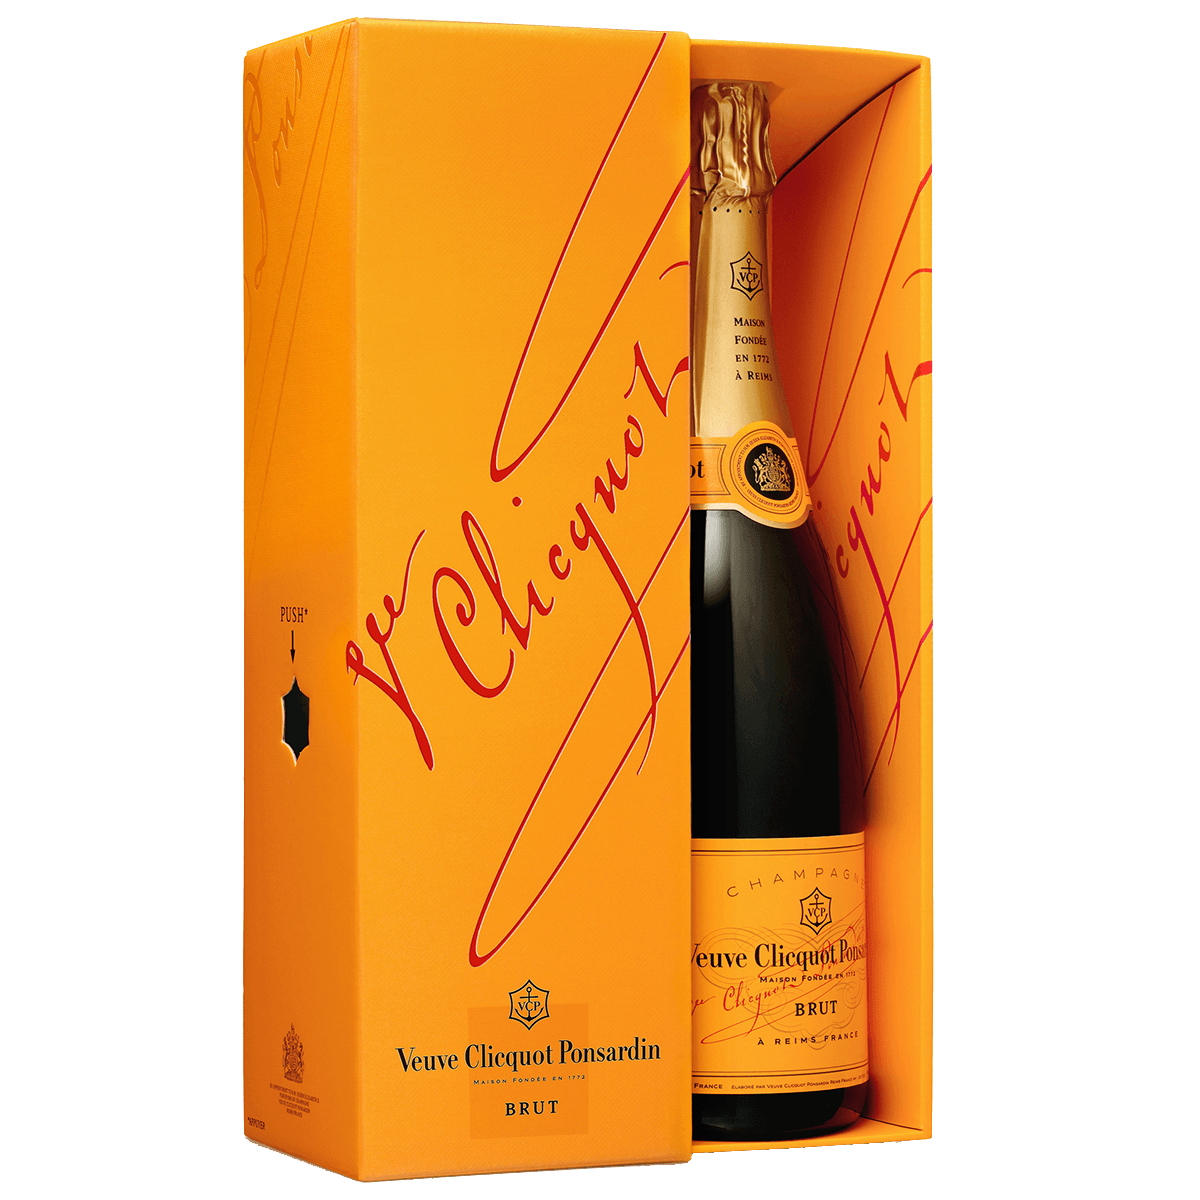 Шампанское Veuve Clicquot Ponsardin Brut, 0.75 л.